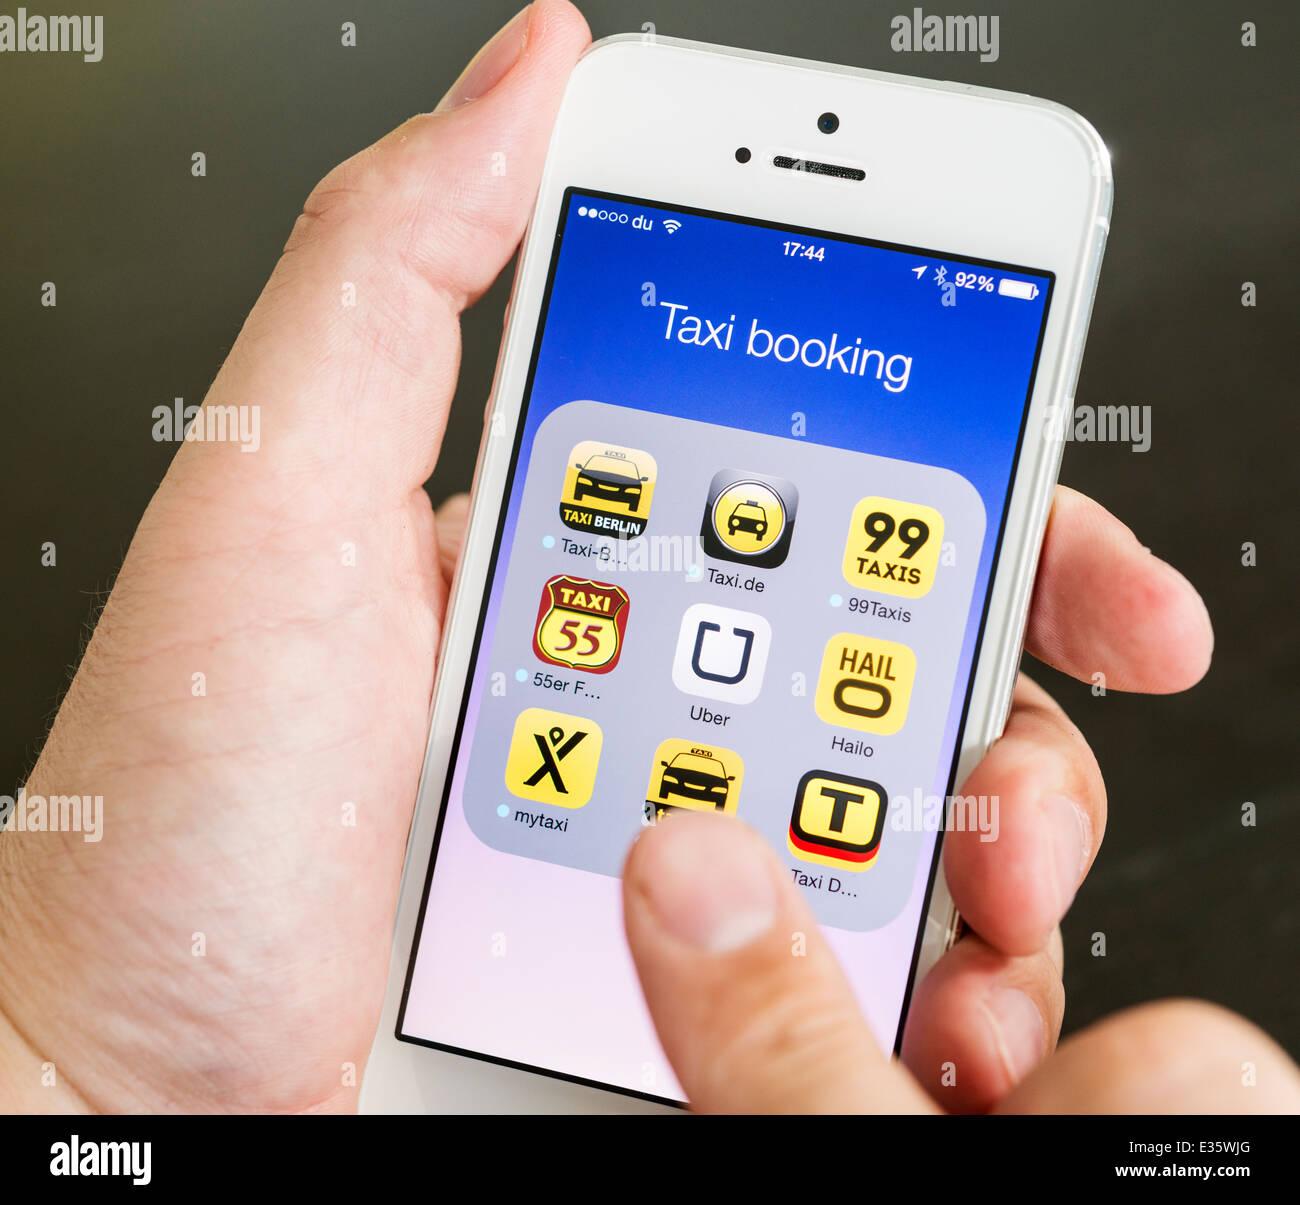 Dettaglio del mobile apps per la prenotazione di taxi su iPhone smart phone Immagini Stock